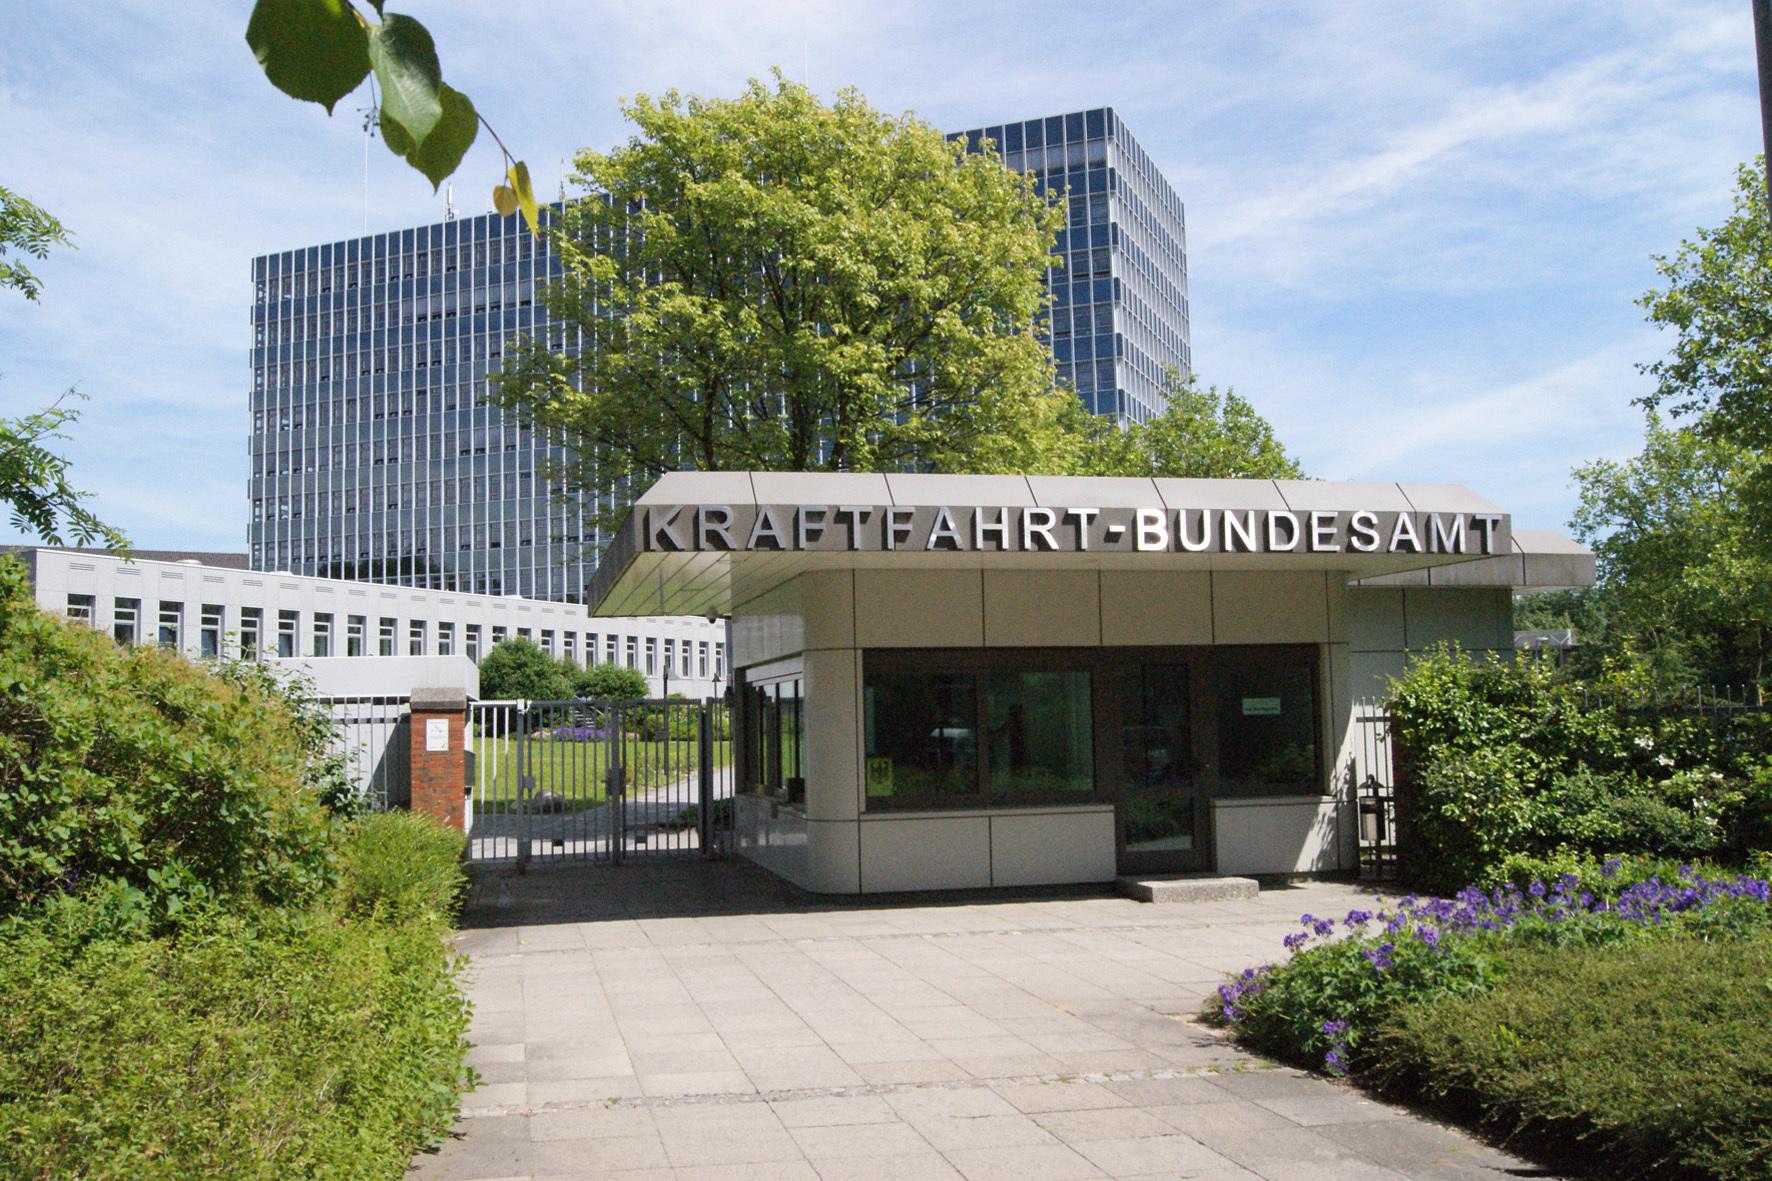 mid Düsseldorf - Das Kraftfahrt-Bundesamt hat die Maßnahmen von VW zur Umrüstung der von der Abgas-Affäre betroffenen Fahrzeuge abgesegnet.